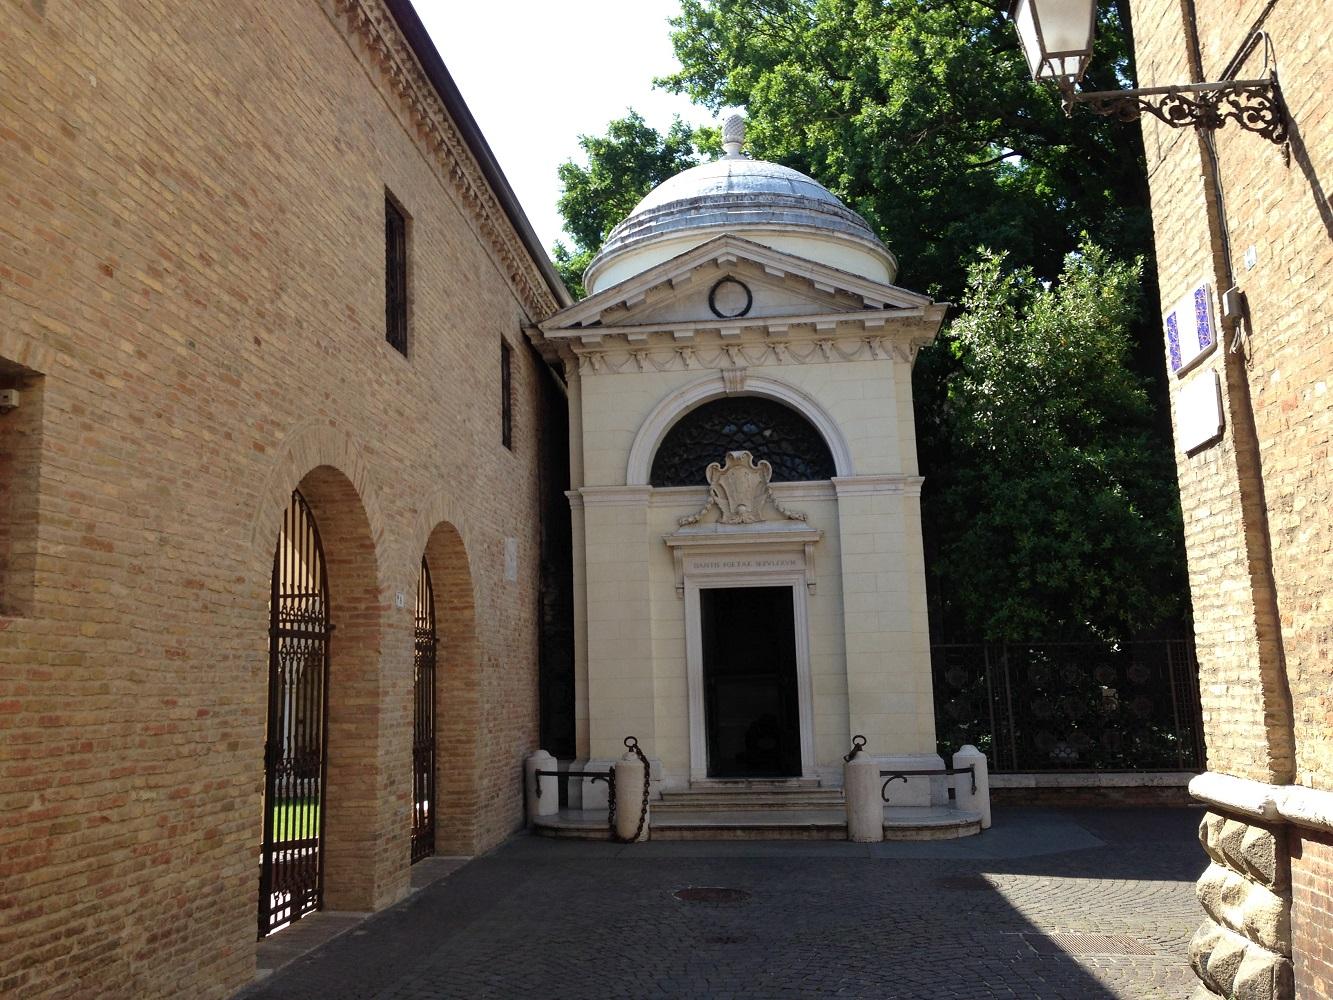 Mit der Mein Schiff Flotte entdecken: Das Grabmal von Dante in Ravenna